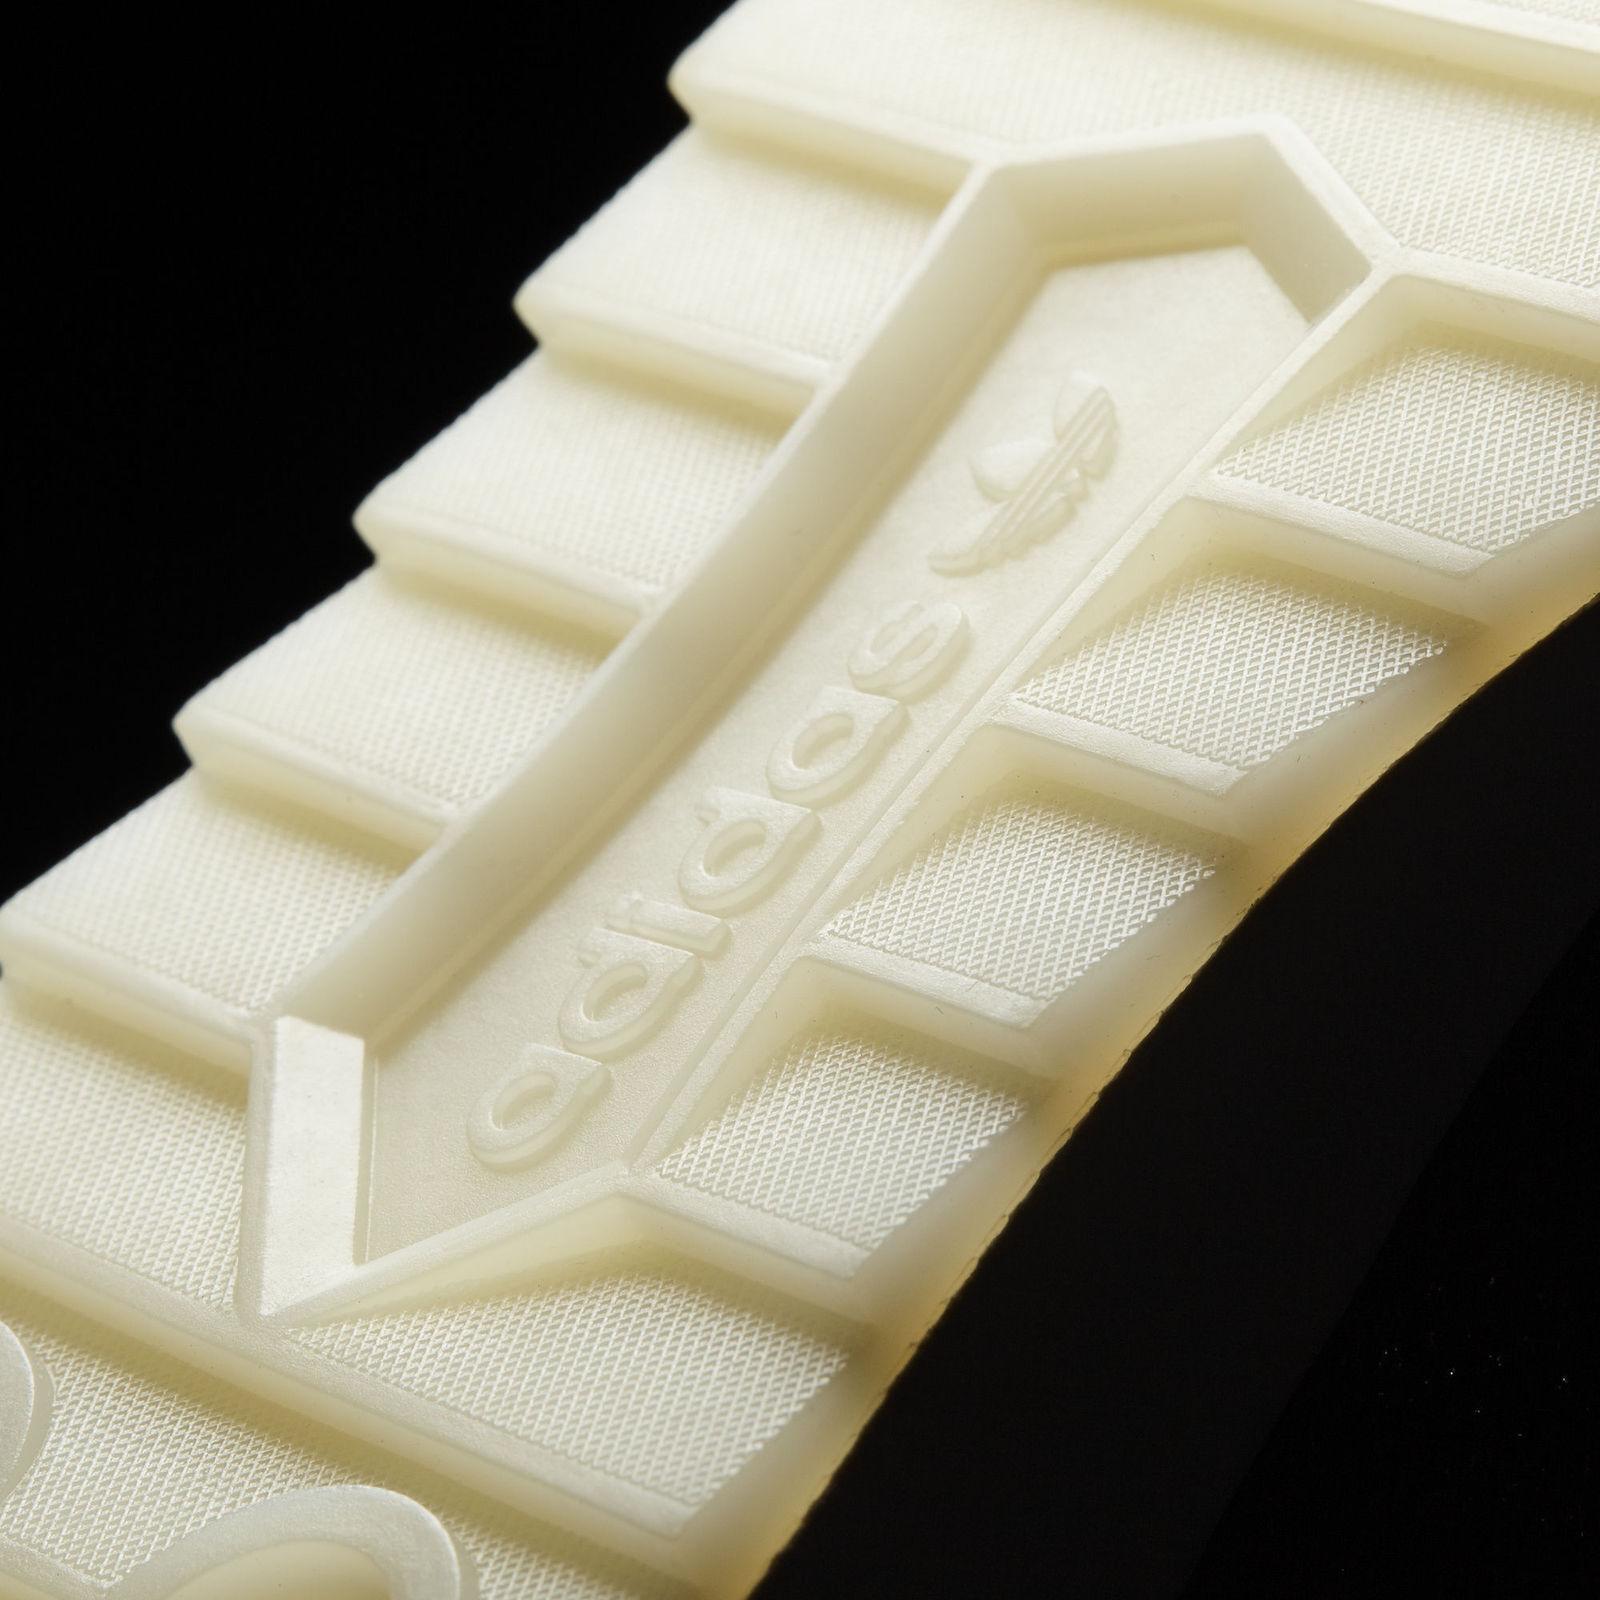 neue frauen größe: - adidas rückblende schuhe größe: frauen 6,5 farbe: schwarz c2c69a